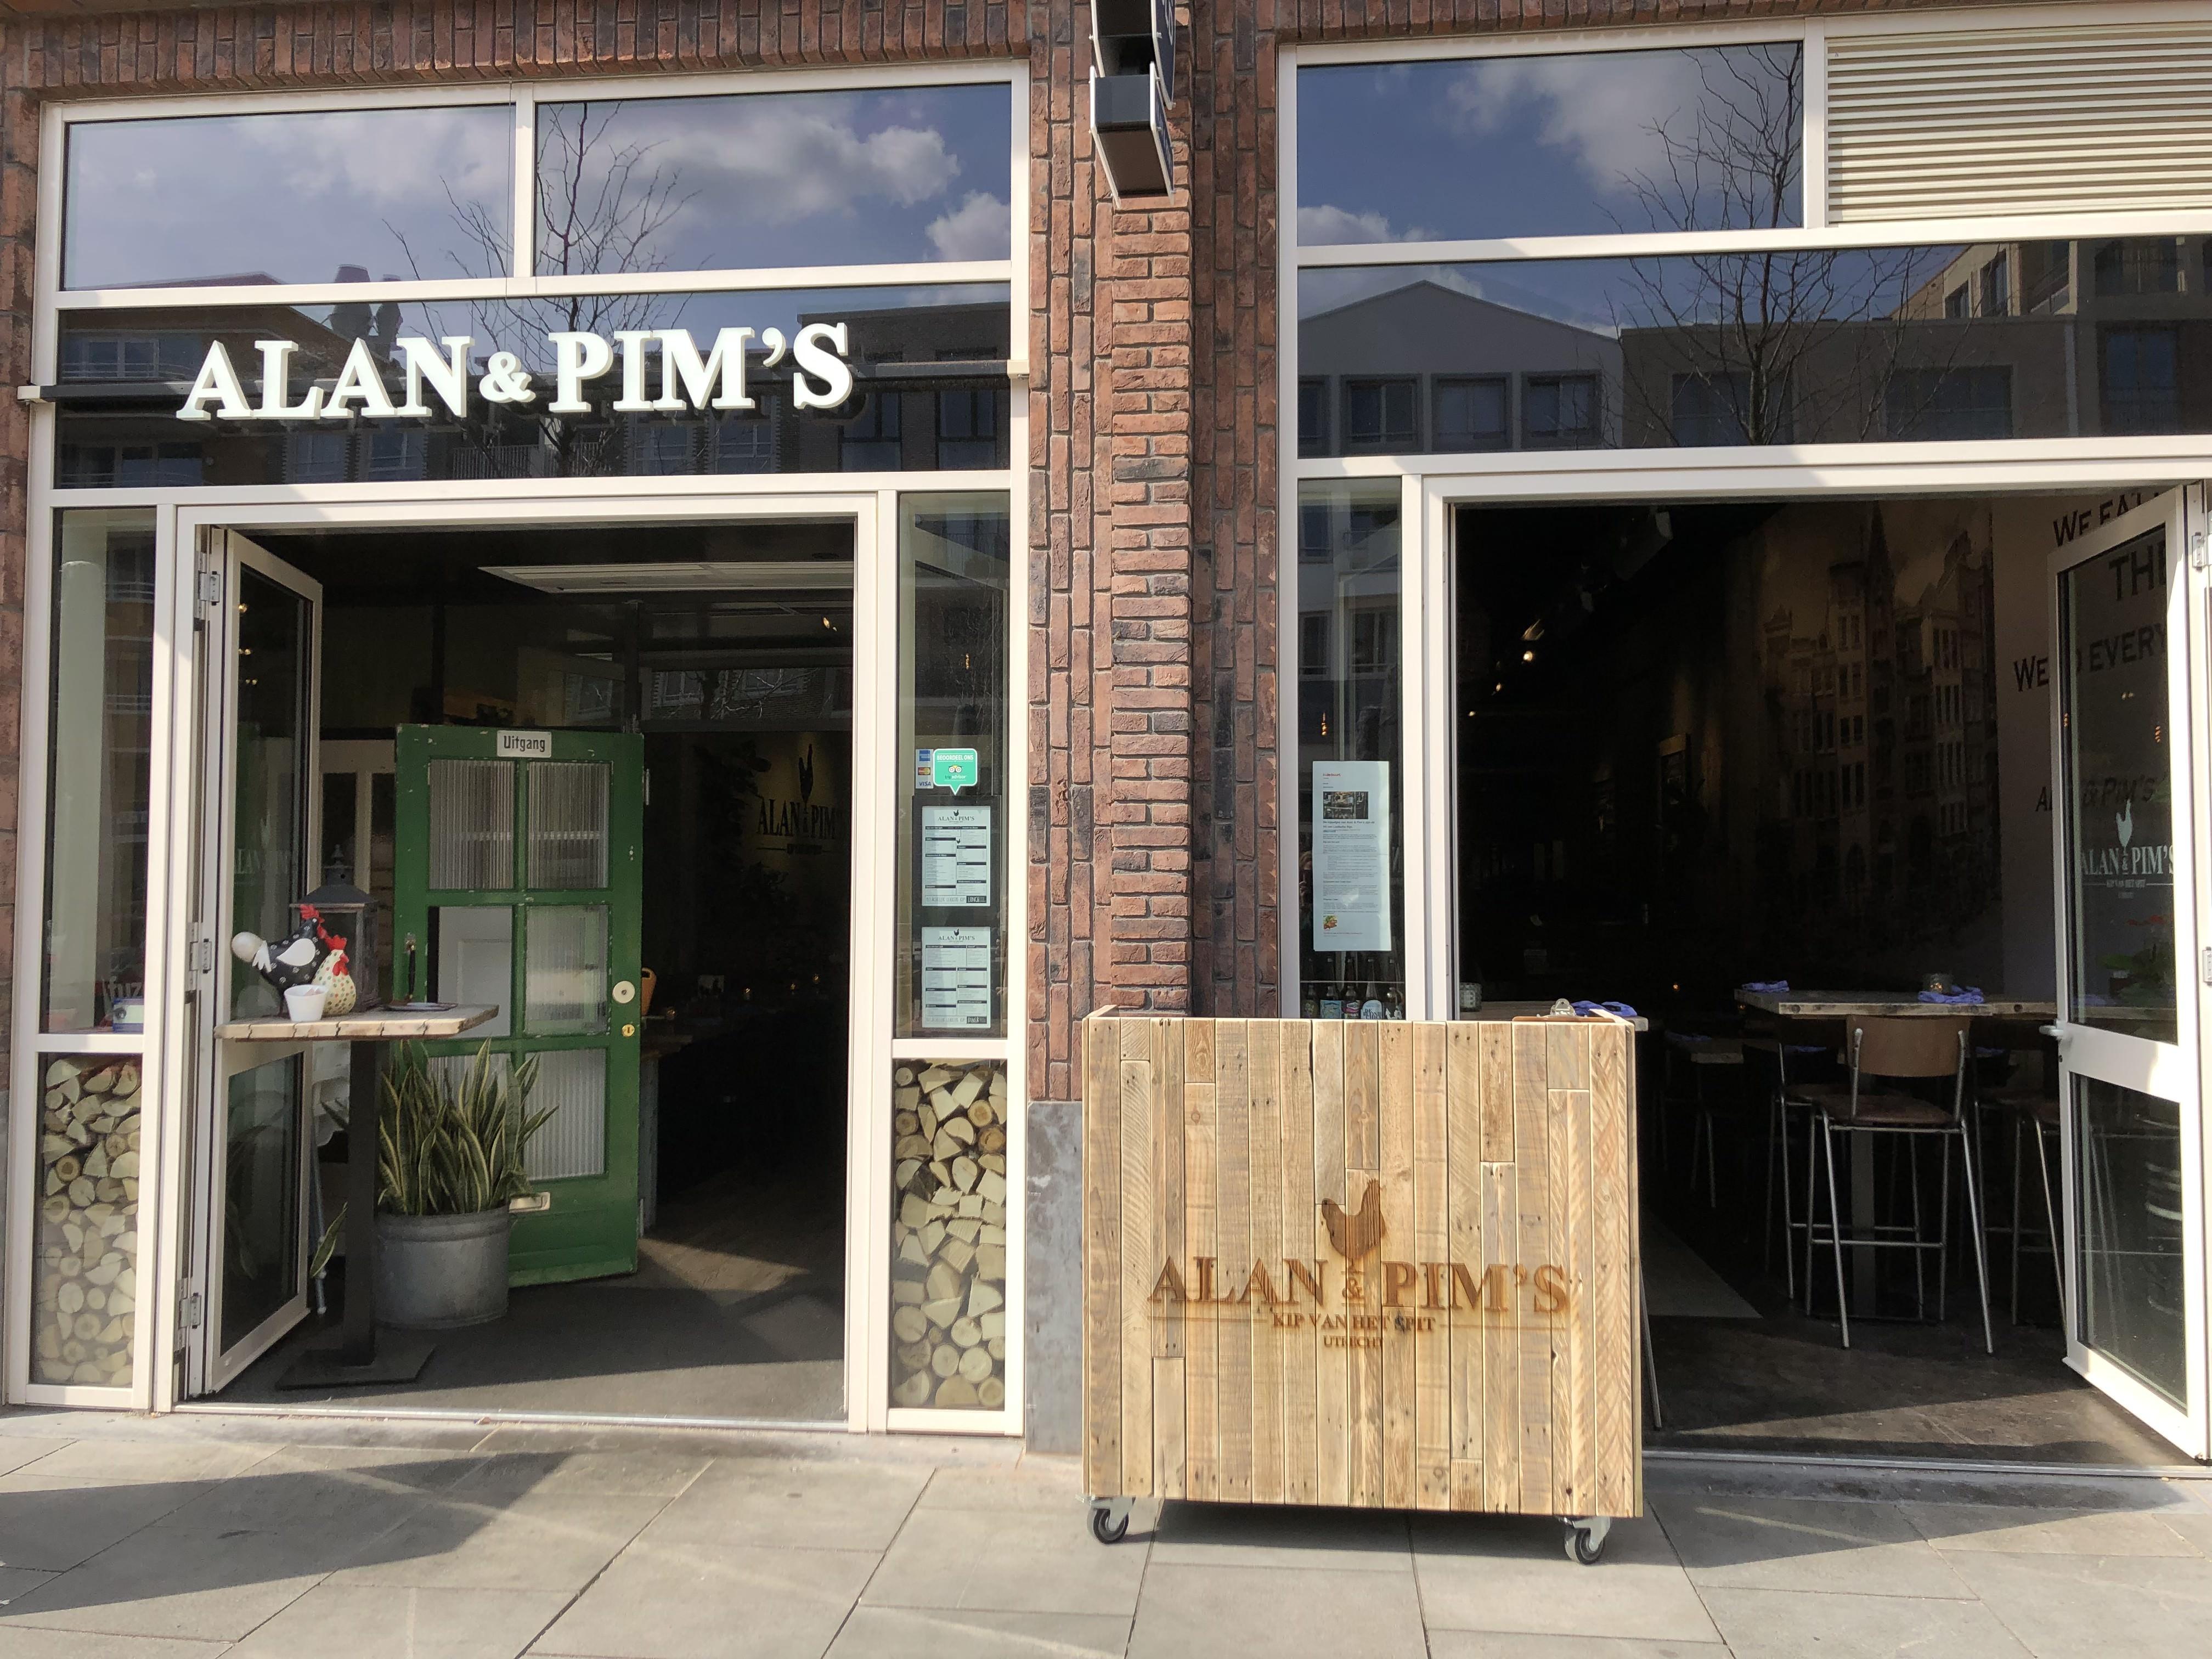 Bestekmeubel Alan & Pim's